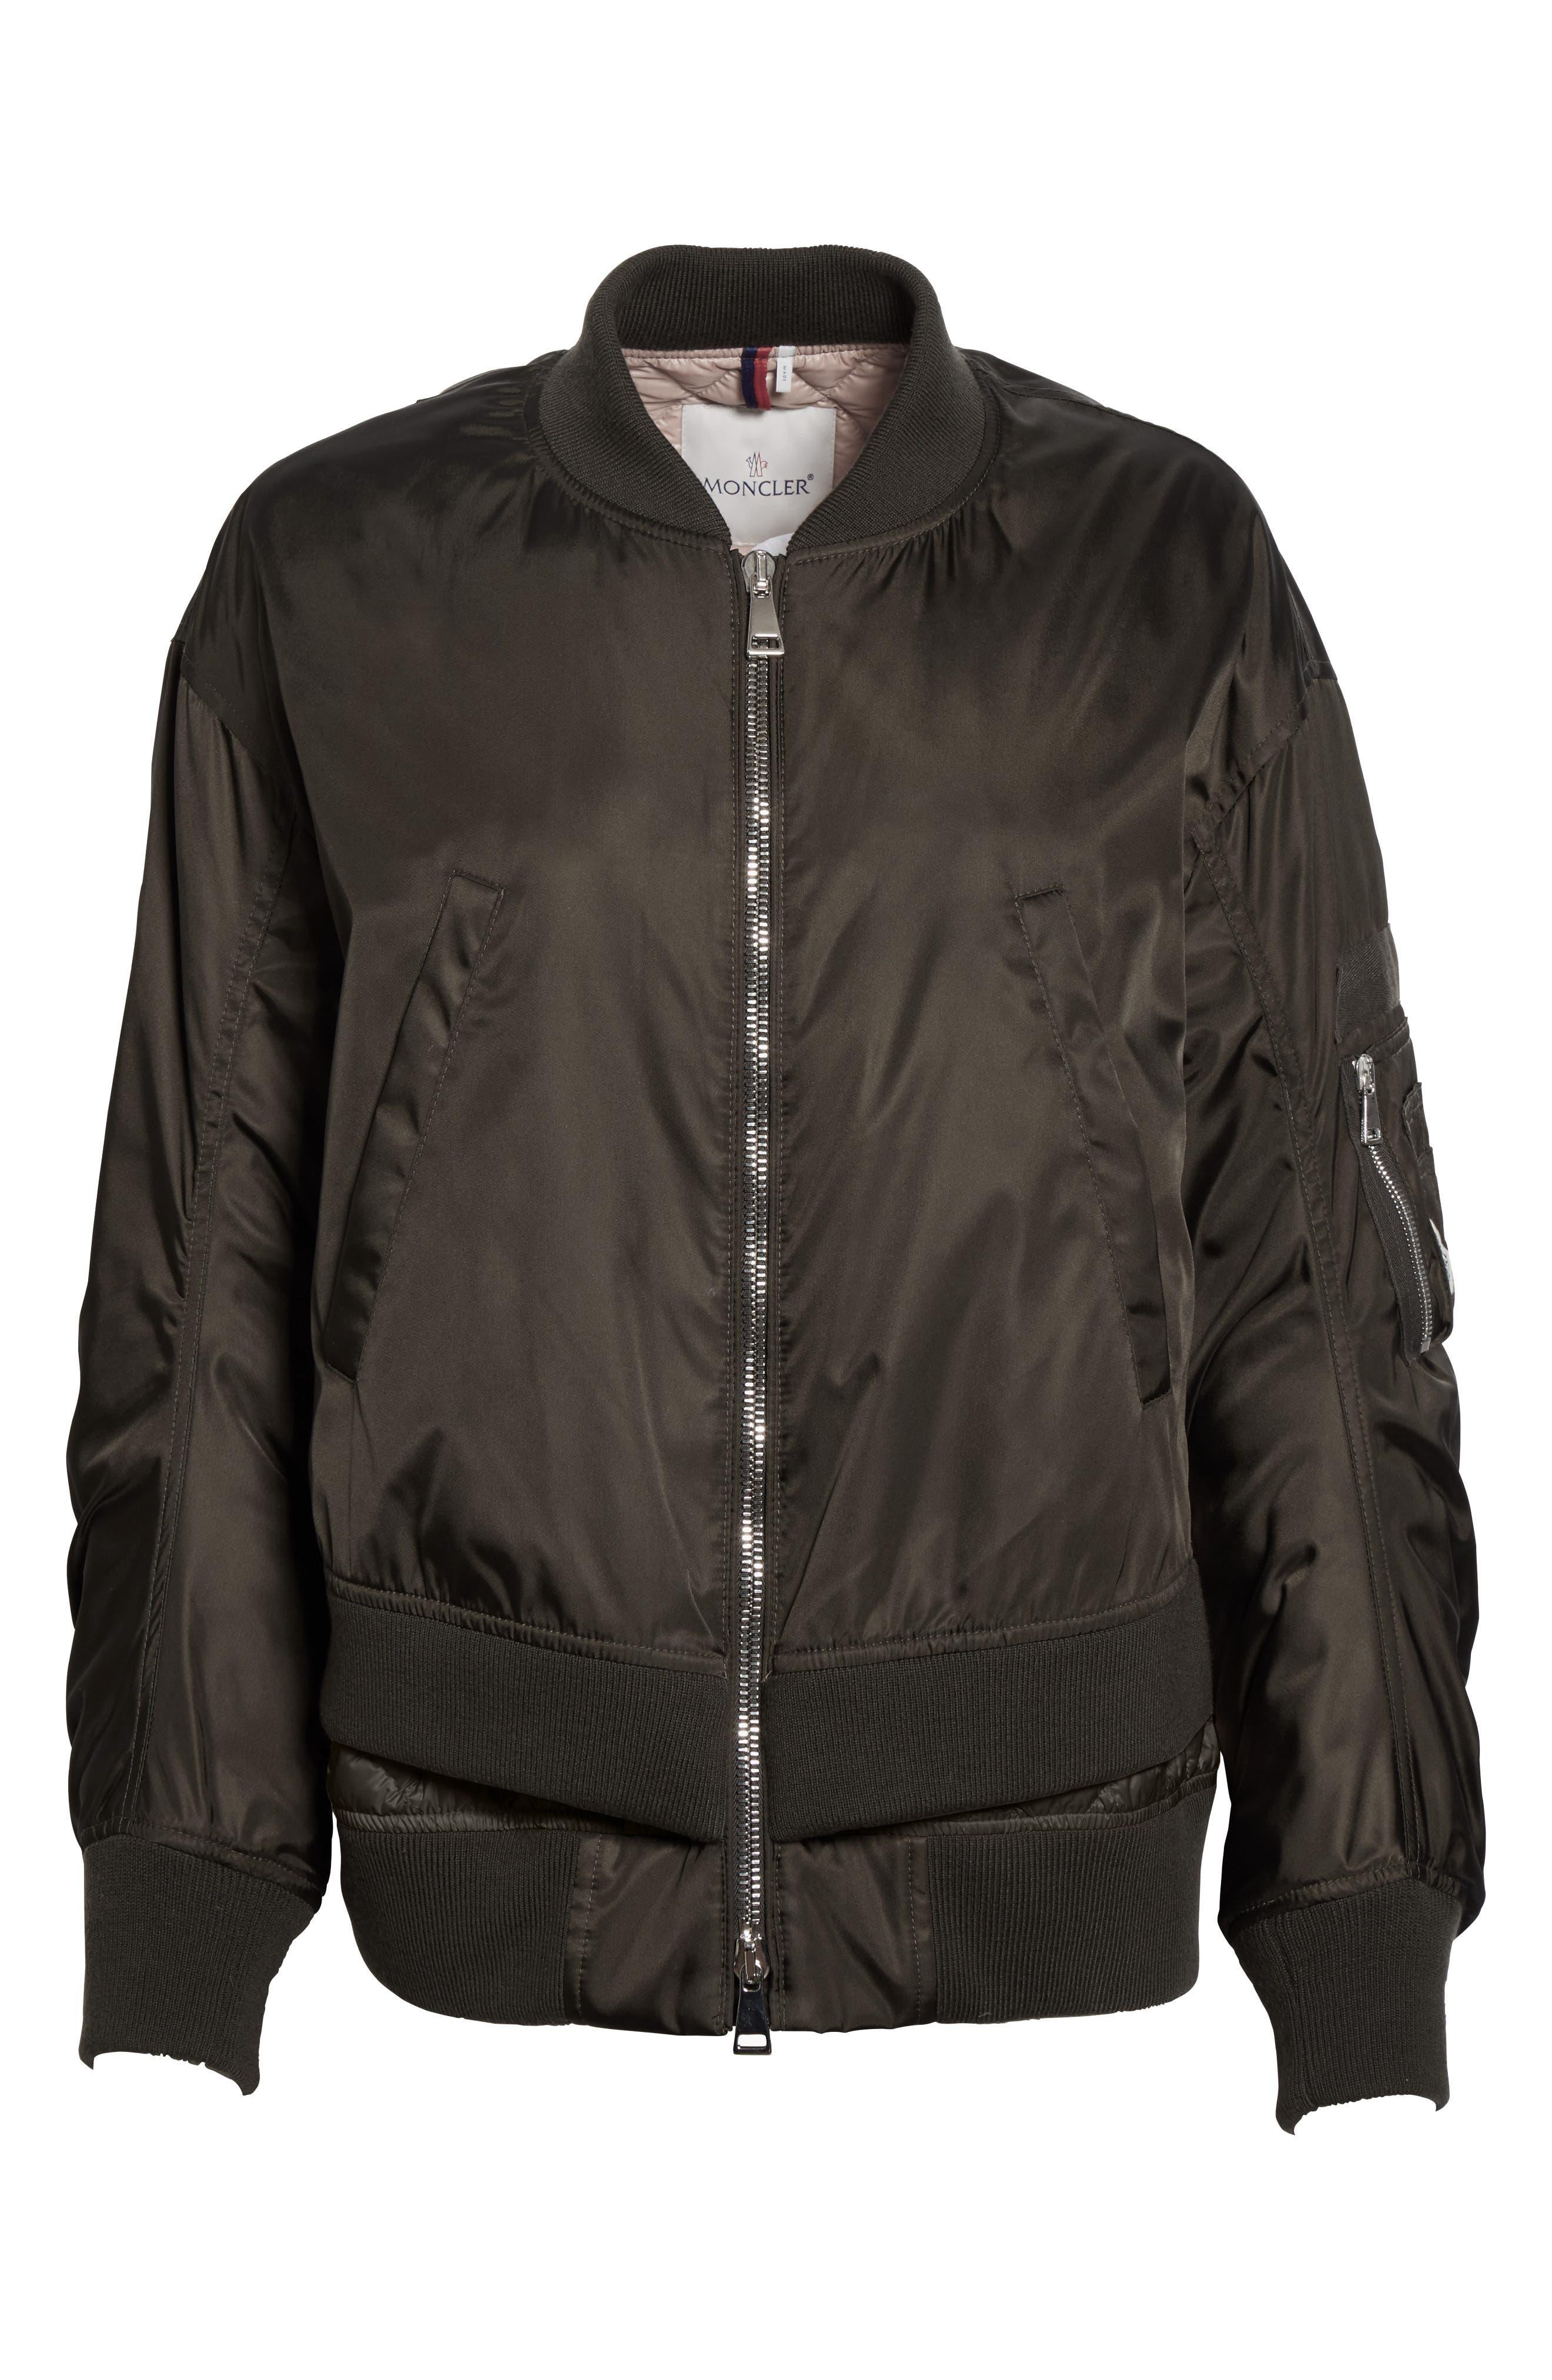 Aralia Layered Bomber Jacket,                             Alternate thumbnail 3, color,                             Olive/ Blush Lining